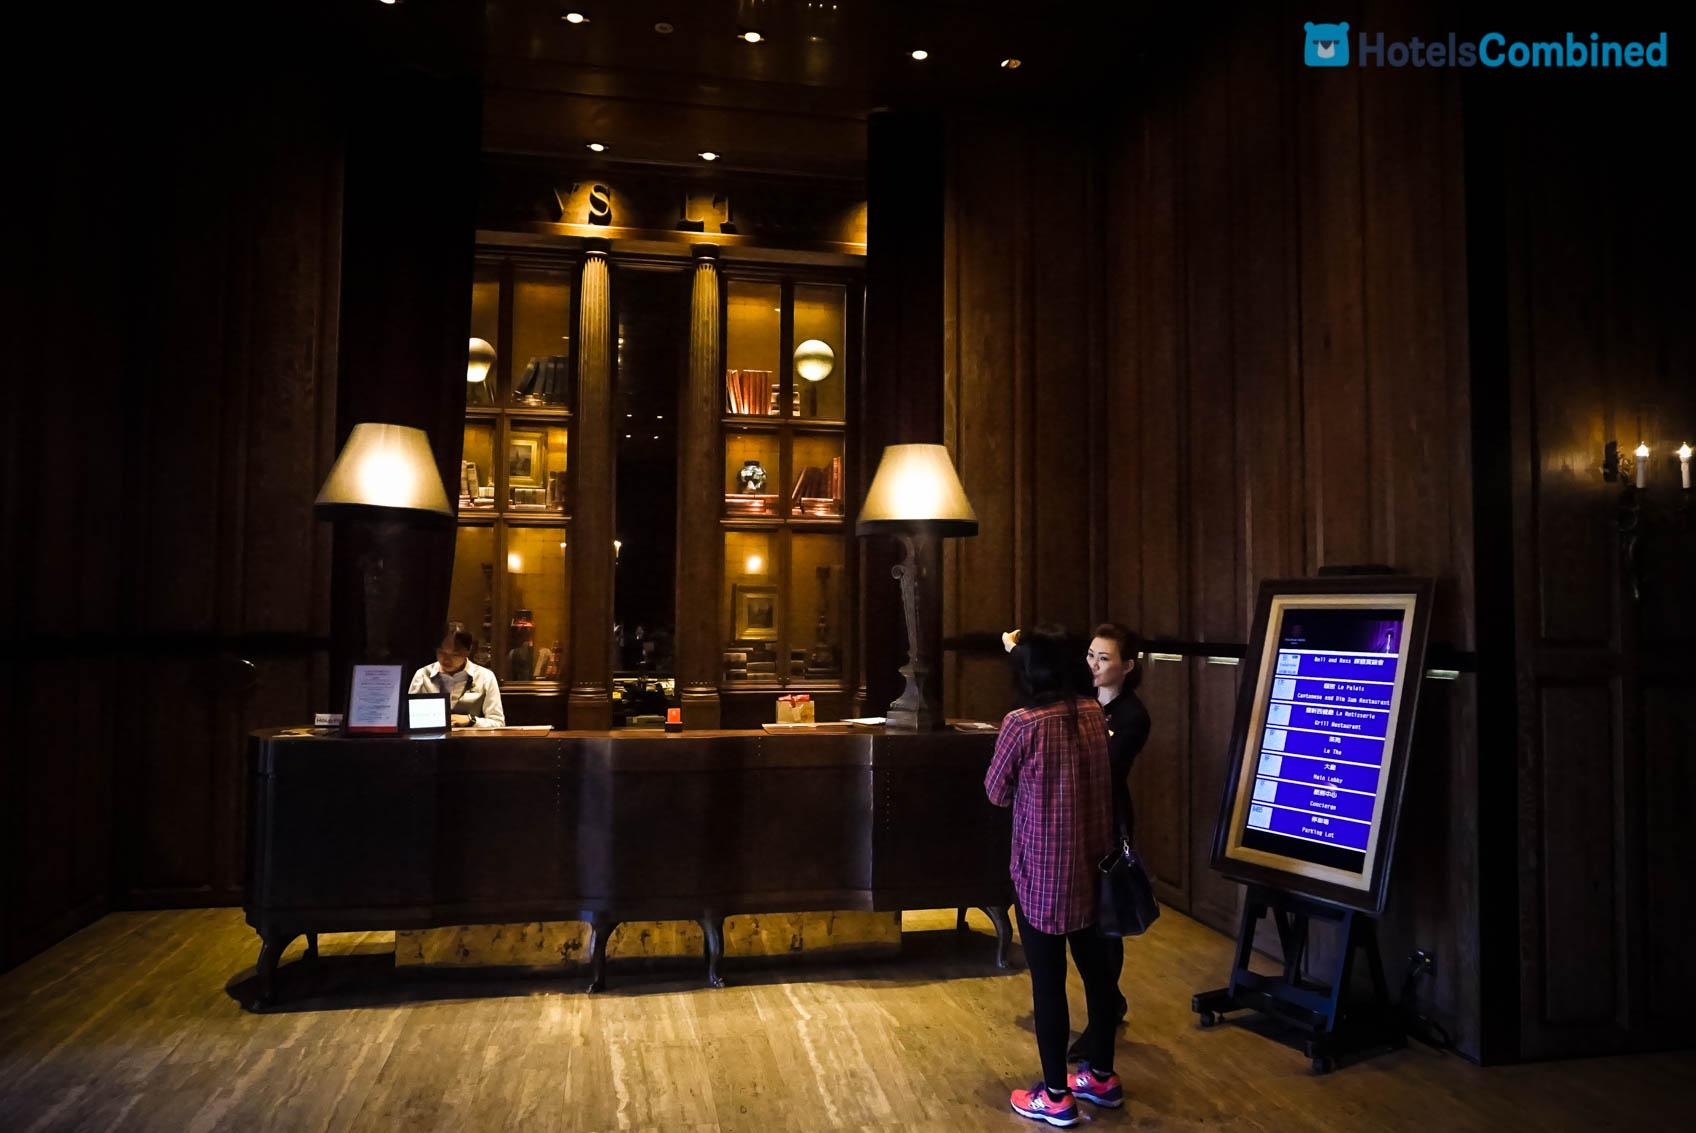 บริการส่วนหน้าของทางโรงแรม ใครอยากฝากกระเป๋า หรือเรียกแท็กซี่สามารถเรียกได้ที่นี่ค่ะ